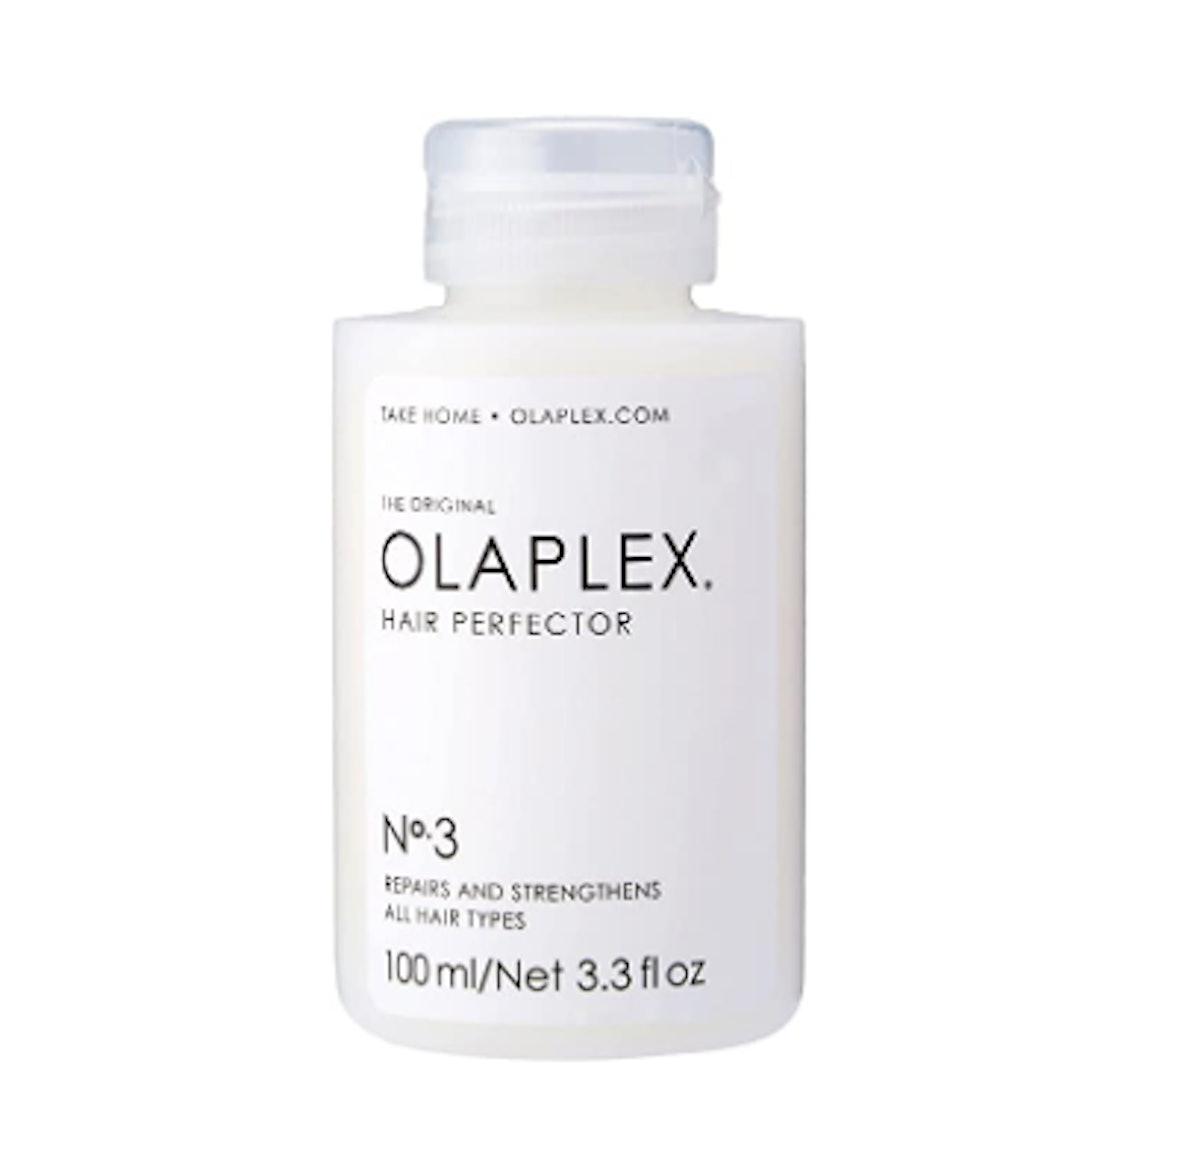 Olaplex Hair Perfector Repairing Treatment